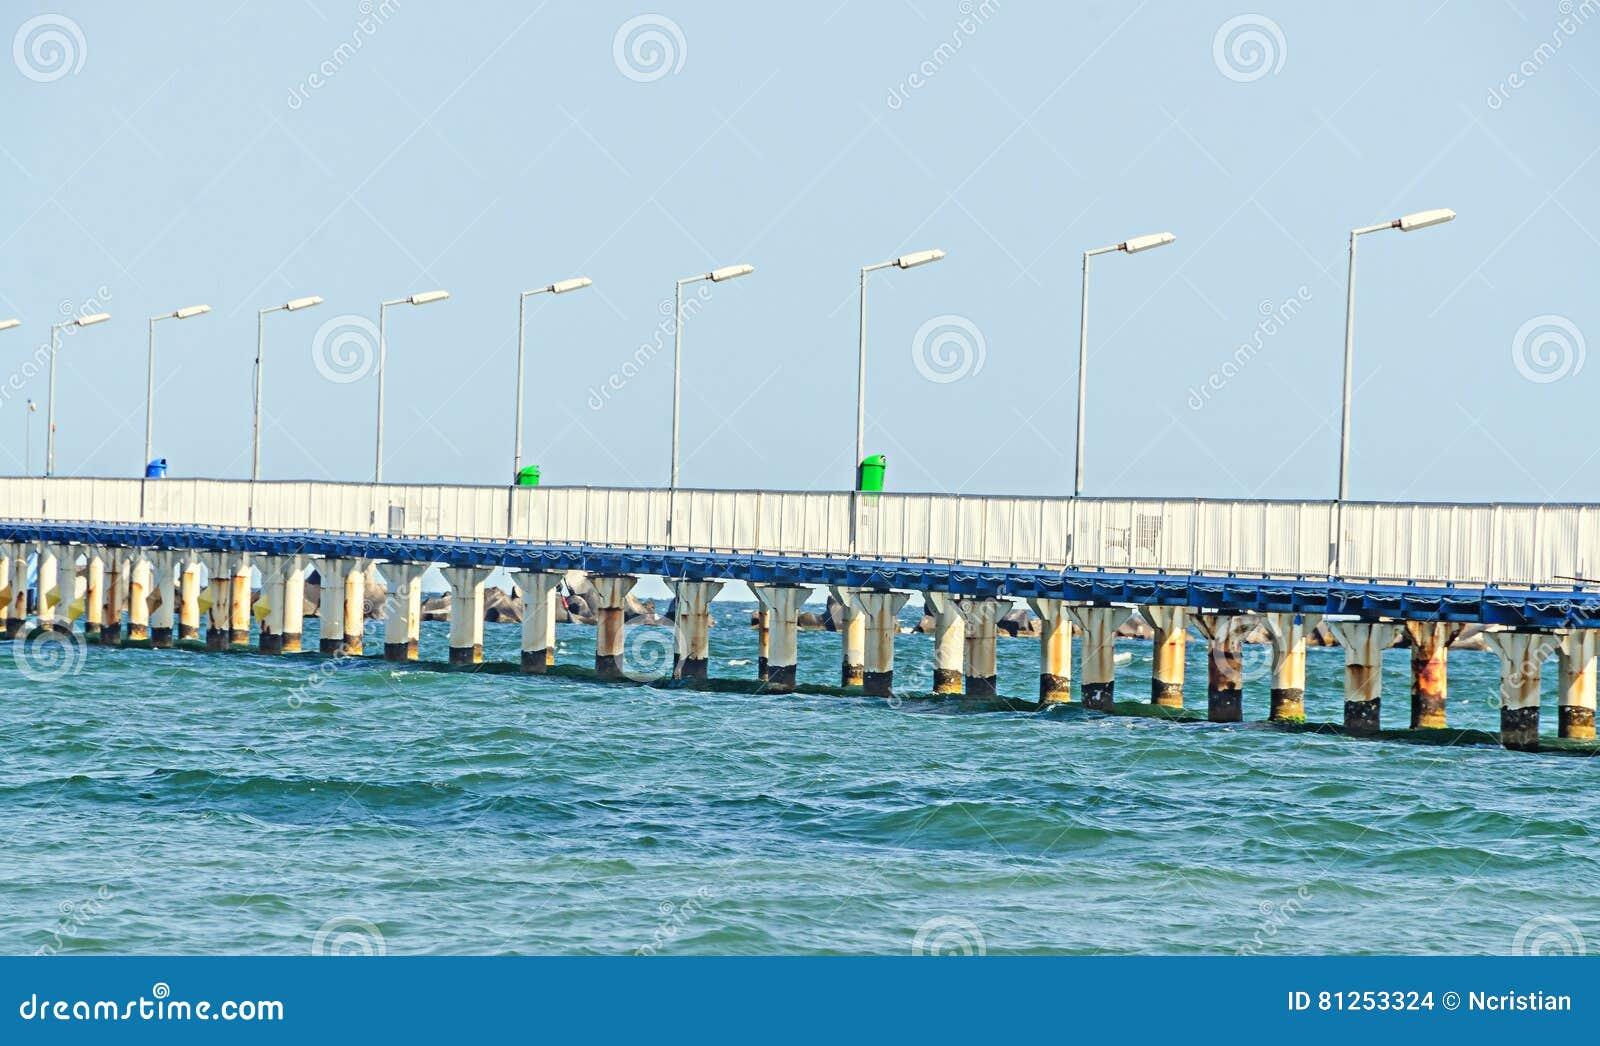 El puente sobre el Mar Negro, la orilla del mar y la playa con agua azul